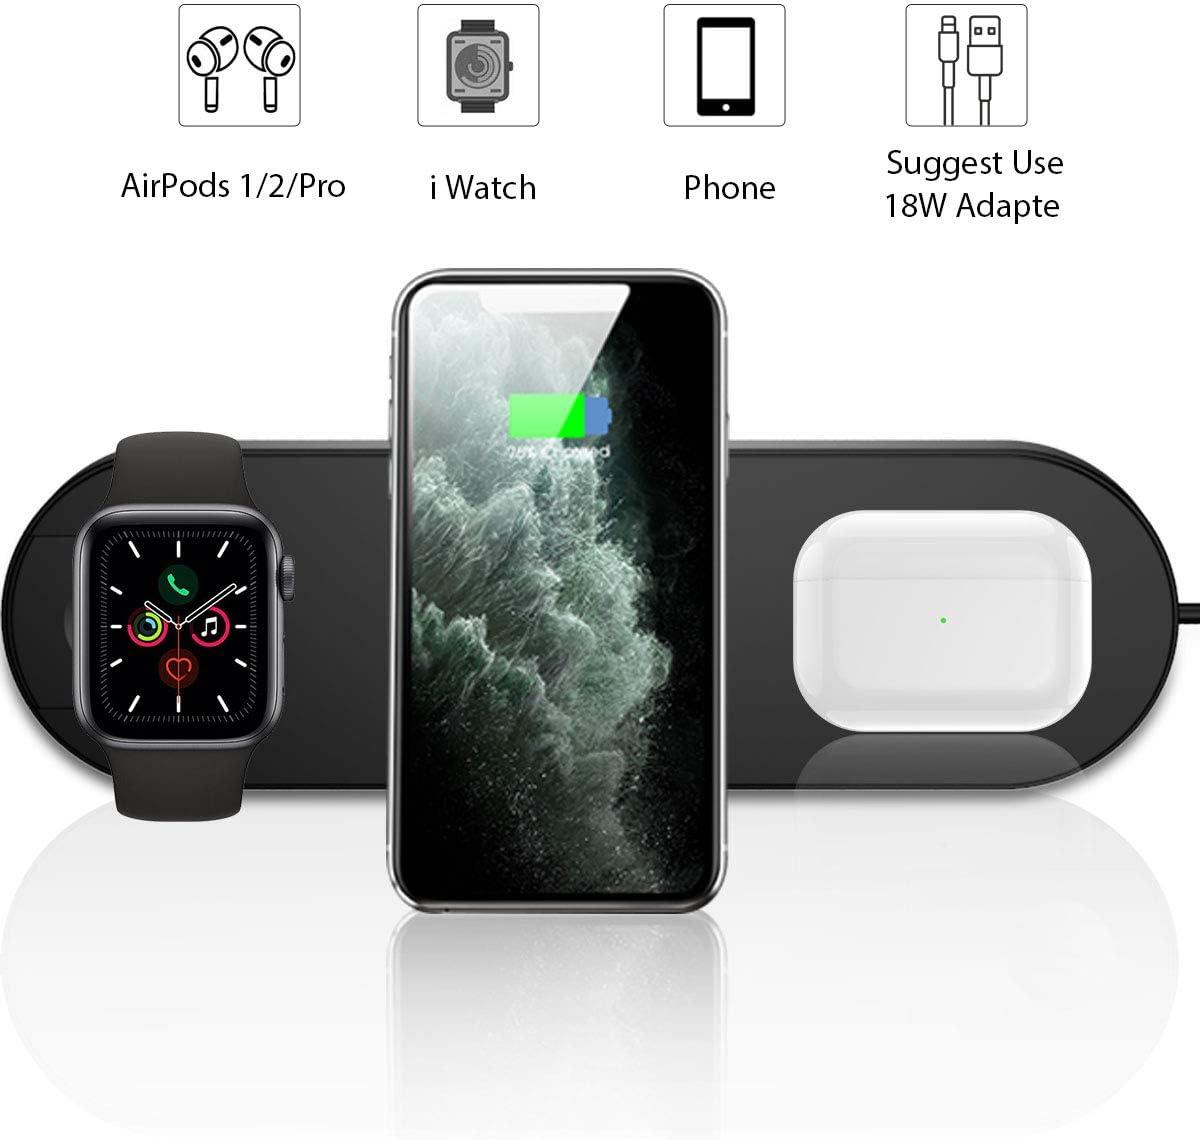 Cargador inalámbrico 3 en 1, soporte de estación de carga inalámbrica rápida Pad para iPhone 11 11pro 11pro Max X XS XR XS Max 8 8 Plus, Samsung S8 S7 y iWatch Apple Watch Series 5 4 3 2 1 Airpods